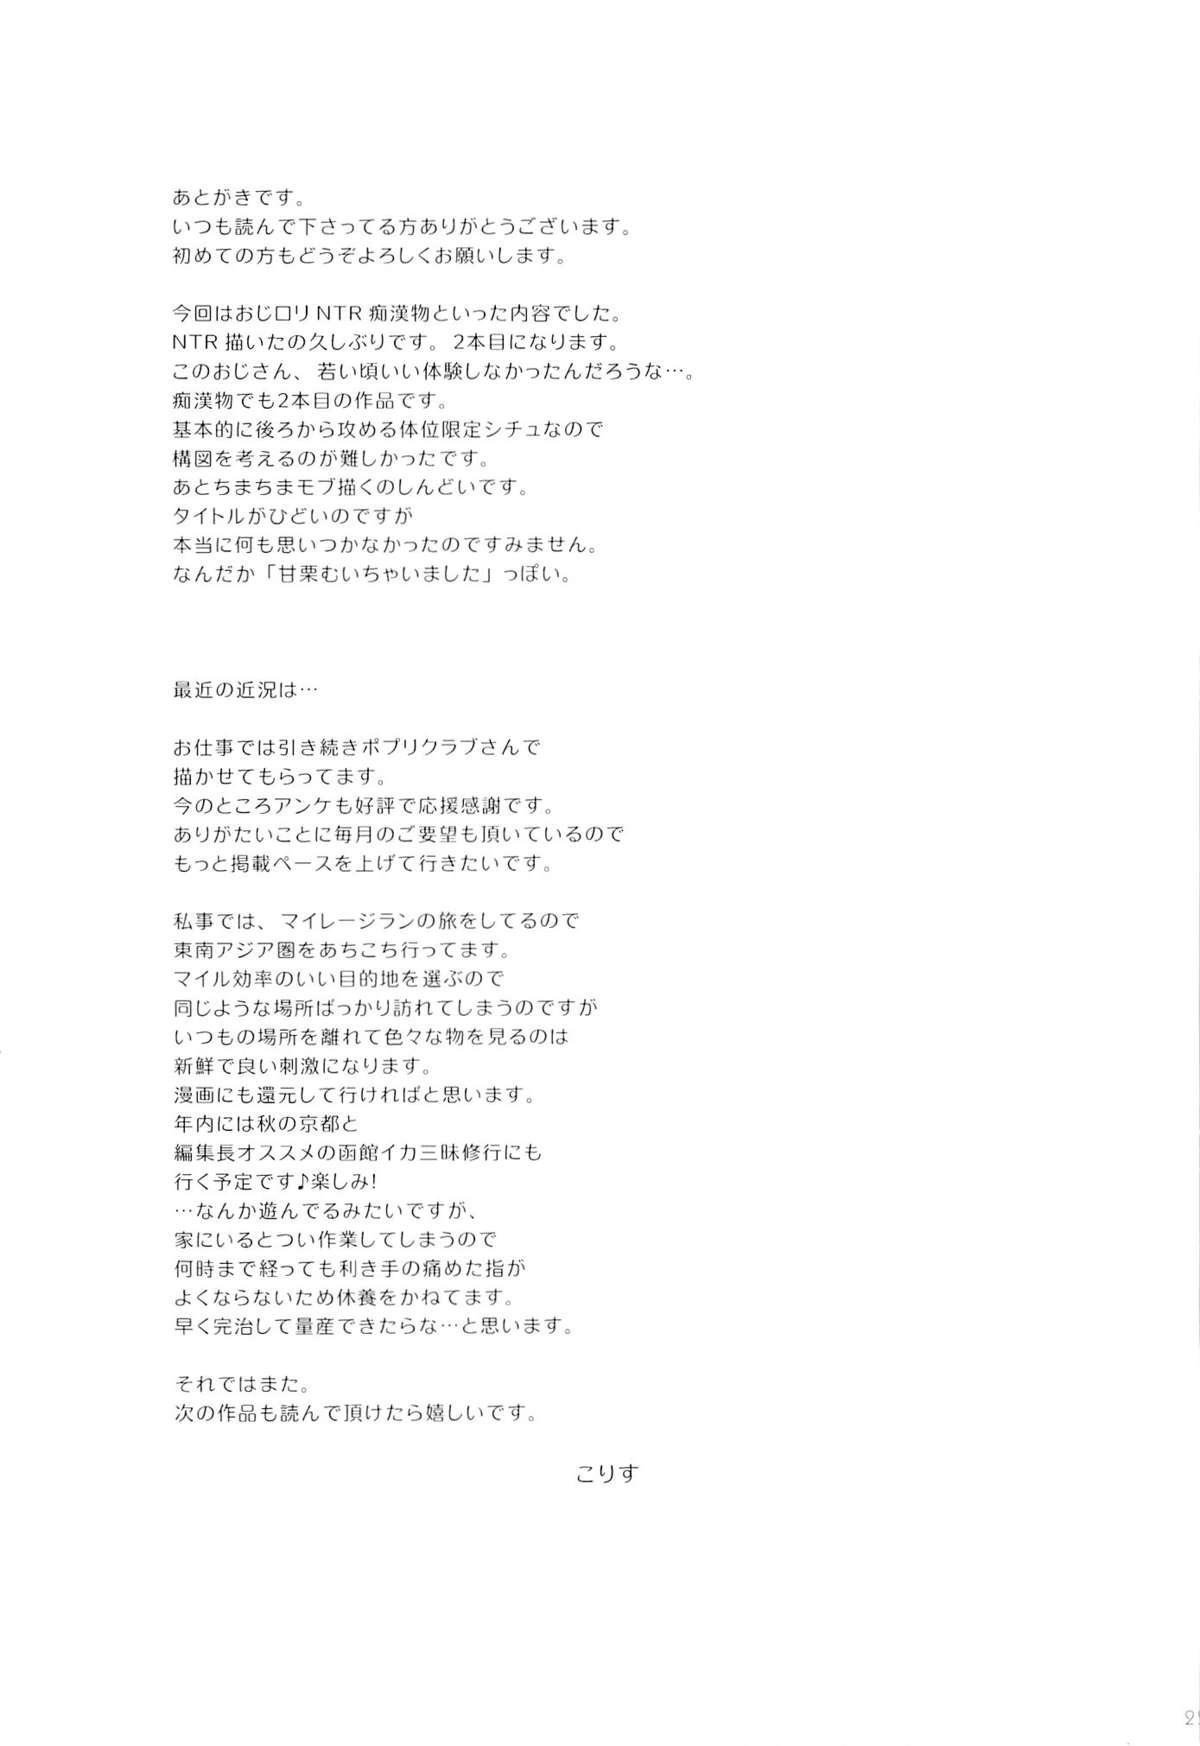 Atashi... Manin Densha no Naka de Shiranai Ojisan ni Shojo wo Ubawarechaimashita 23